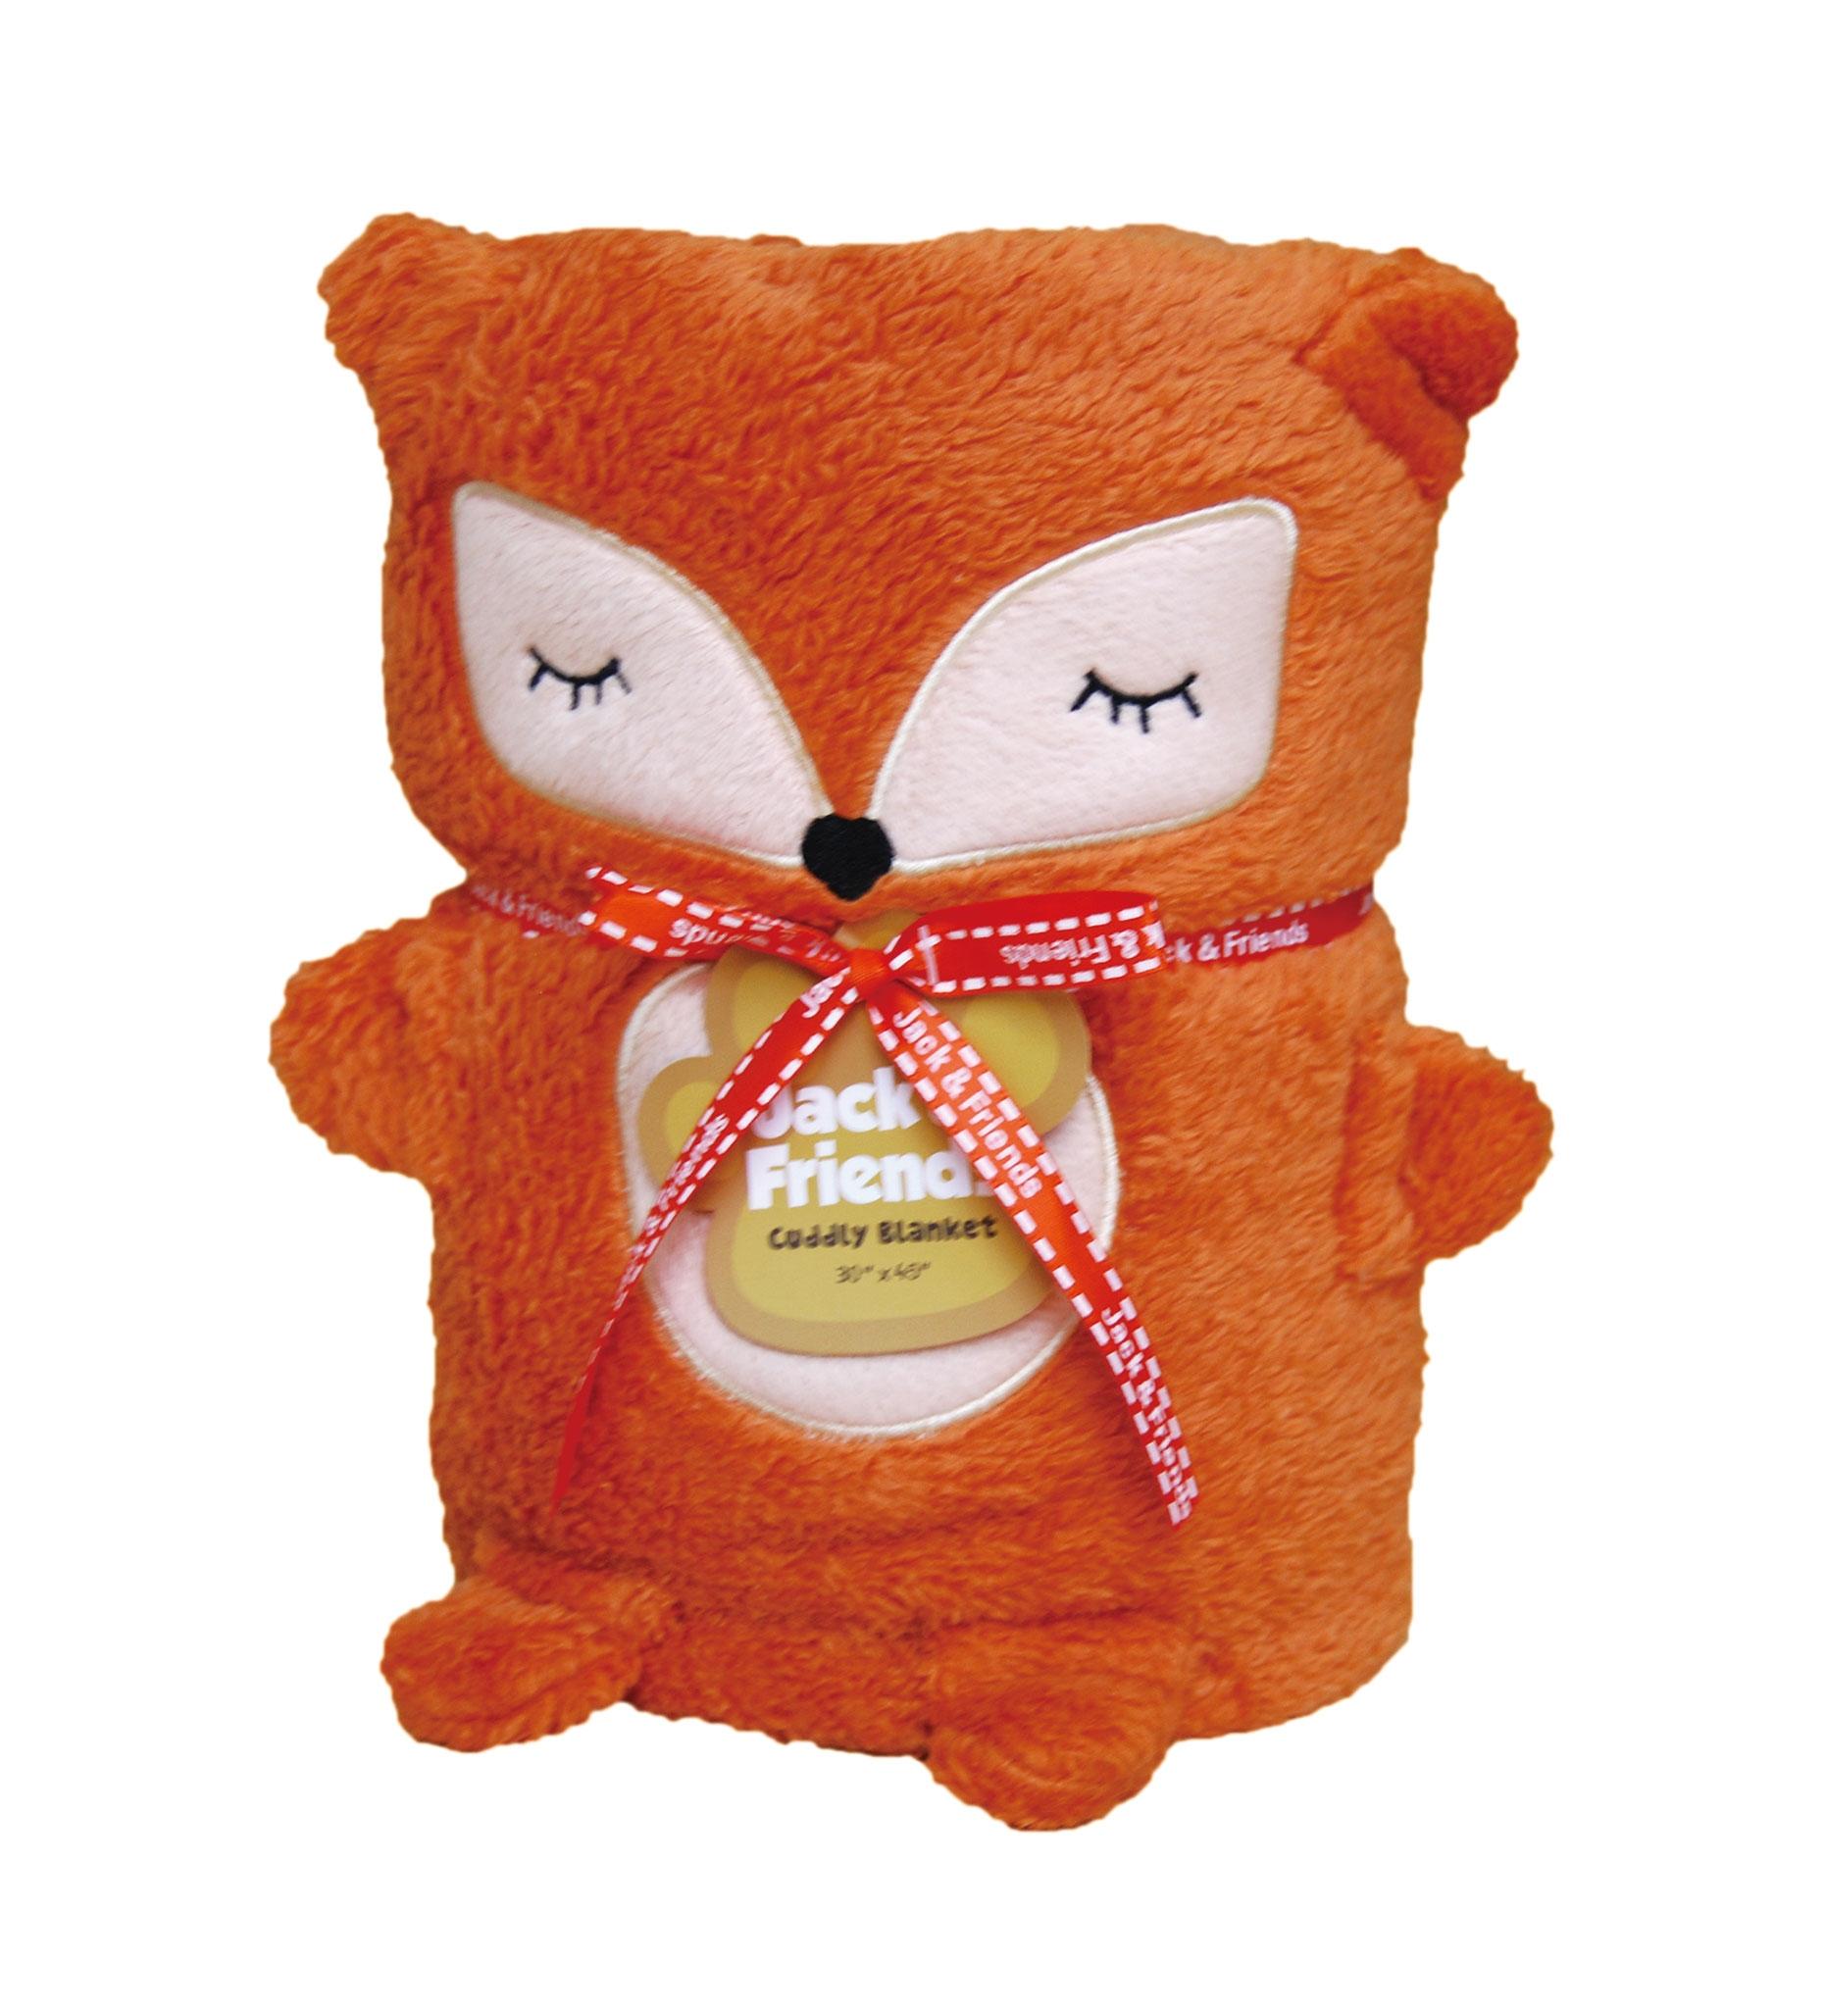 Cuddly Blanket - Fox